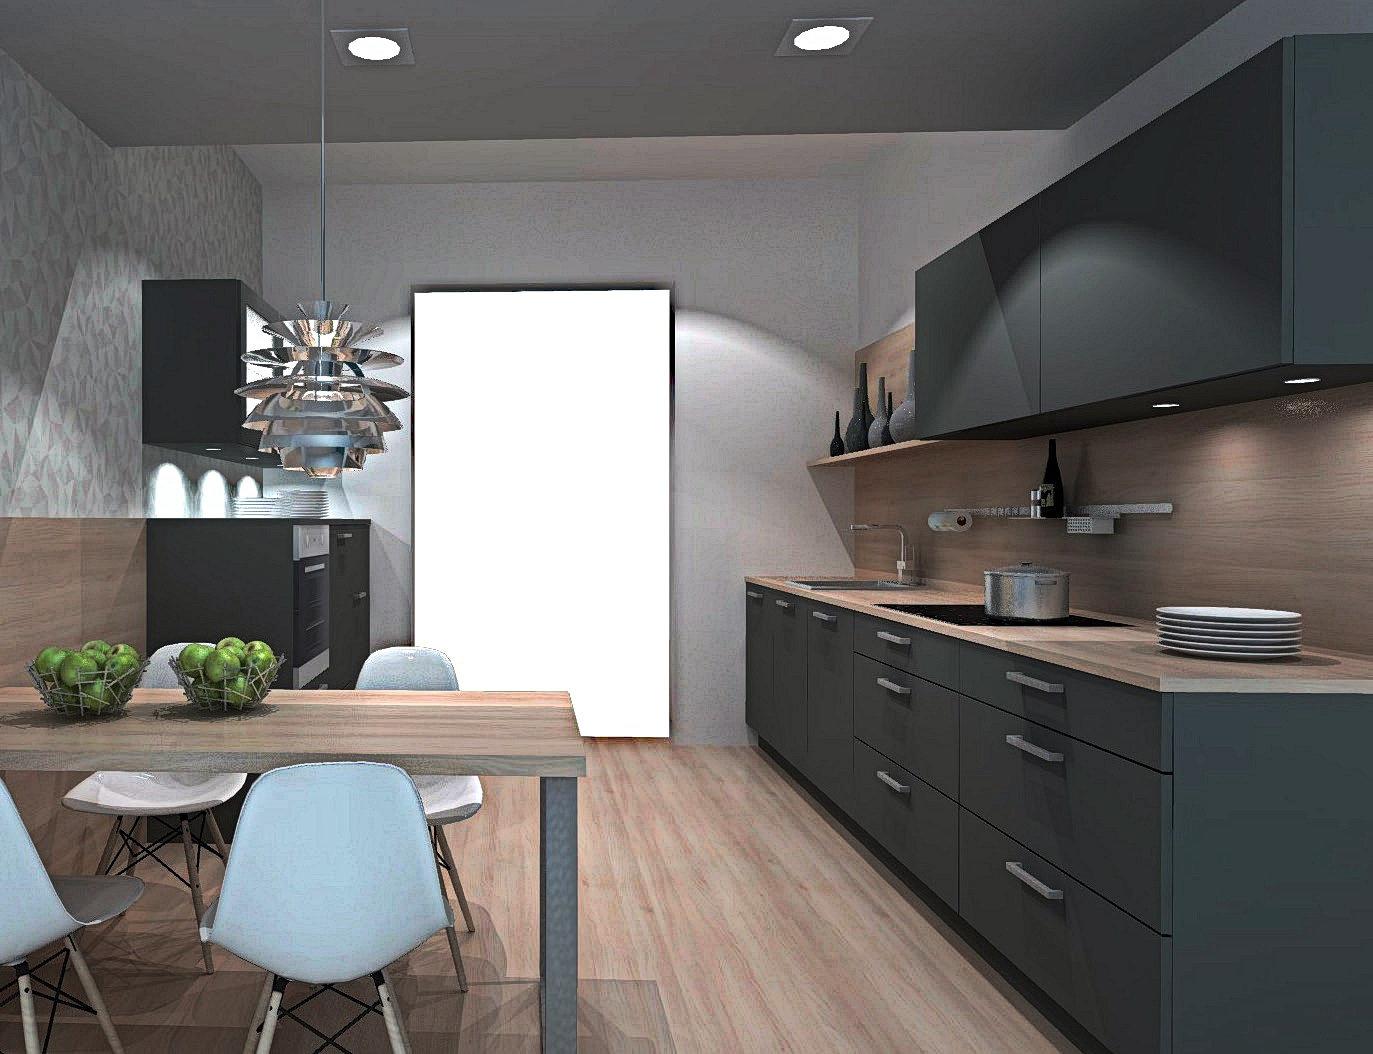 Full Size of Küche Nolte Online Kaufen Nischenverkleidung Küche Nolte Küche Nolte Abverkauf Küche Nolte Angebot Küche Küche Nolte